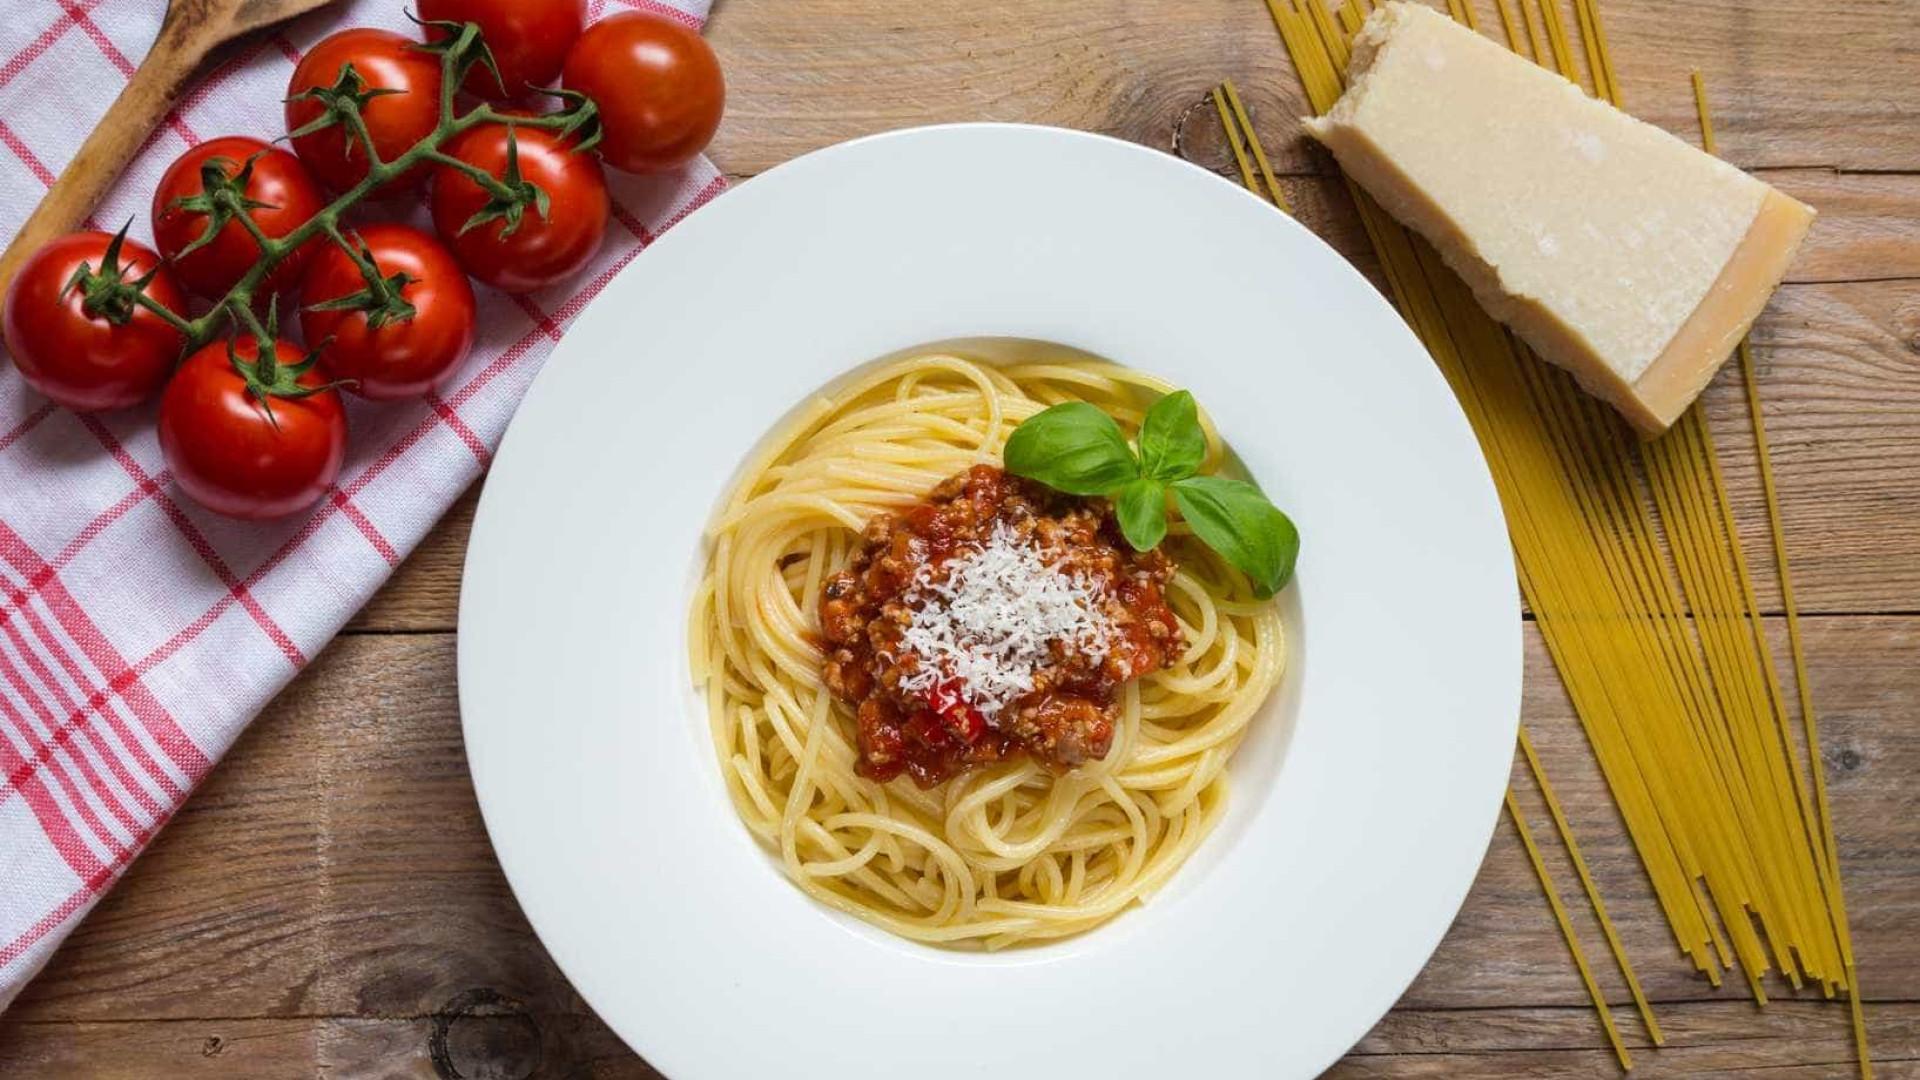 Prefeito de Bolonha lança 'guerra' ao espaguete à bolonhesa